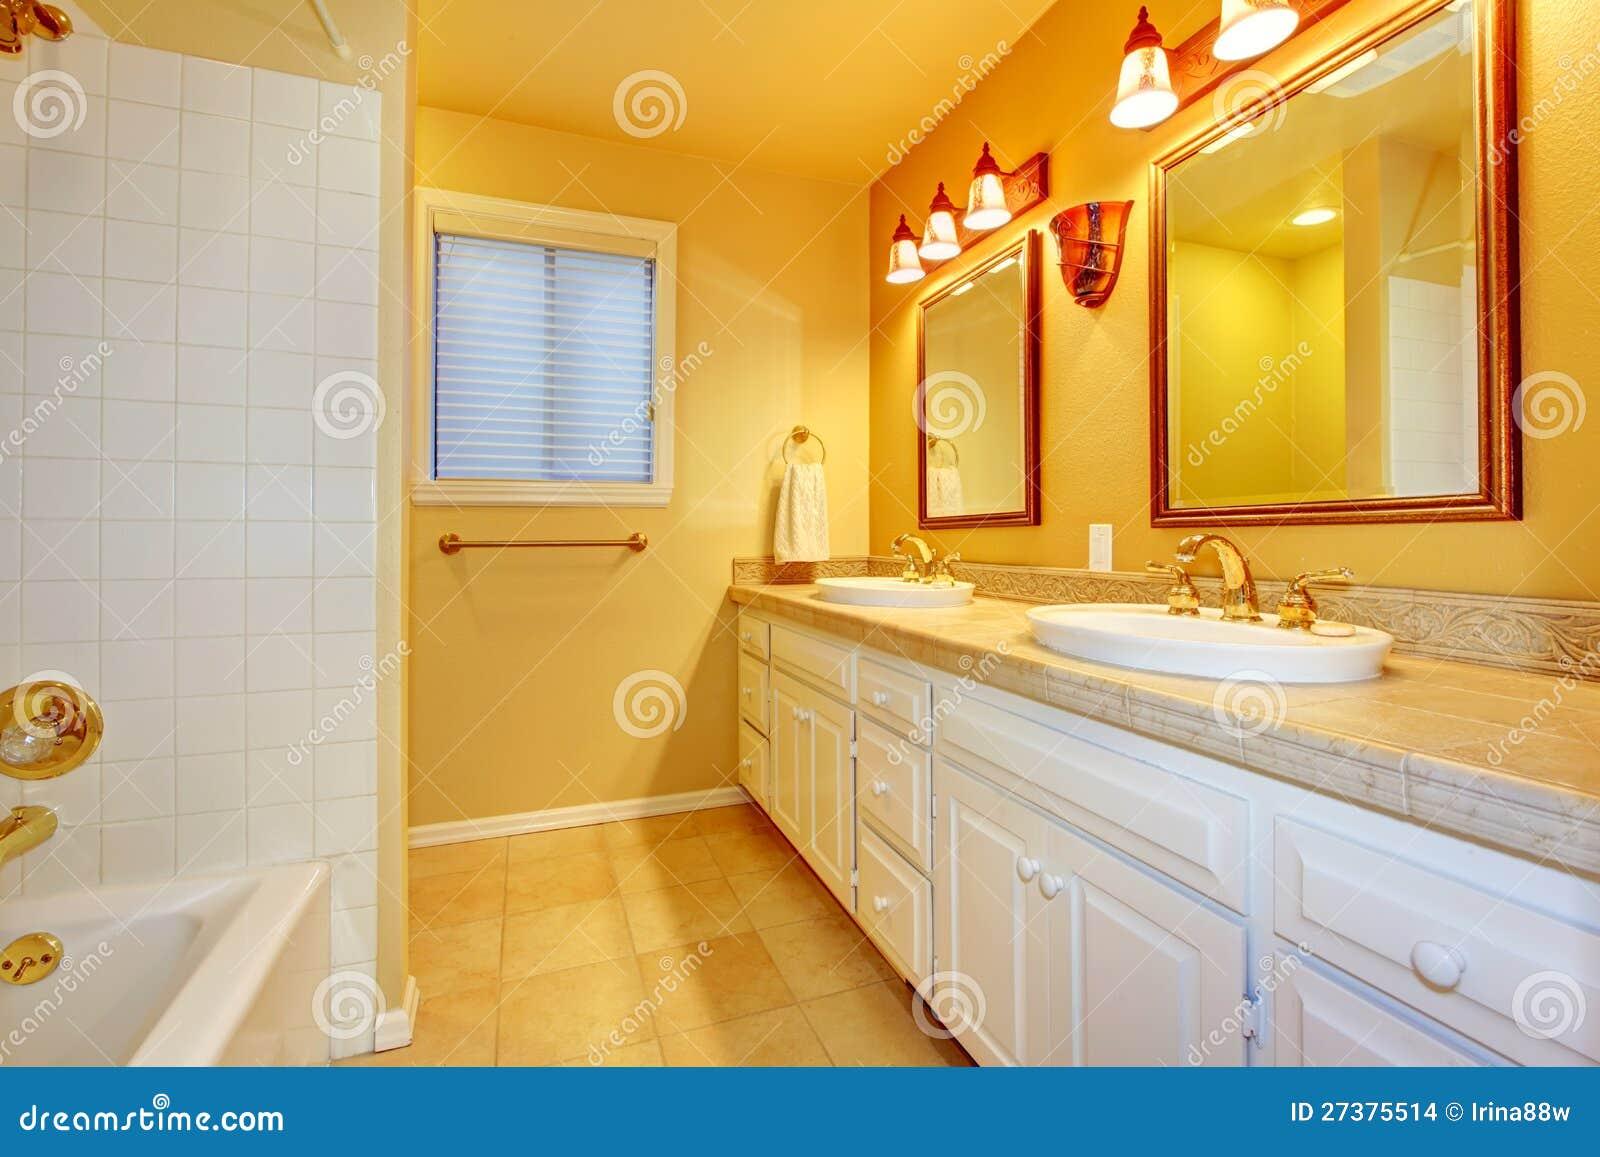 Pareti Bianche E Oro : Bagno con i gabinetti e le pareti bianchi delloro. fotografia stock